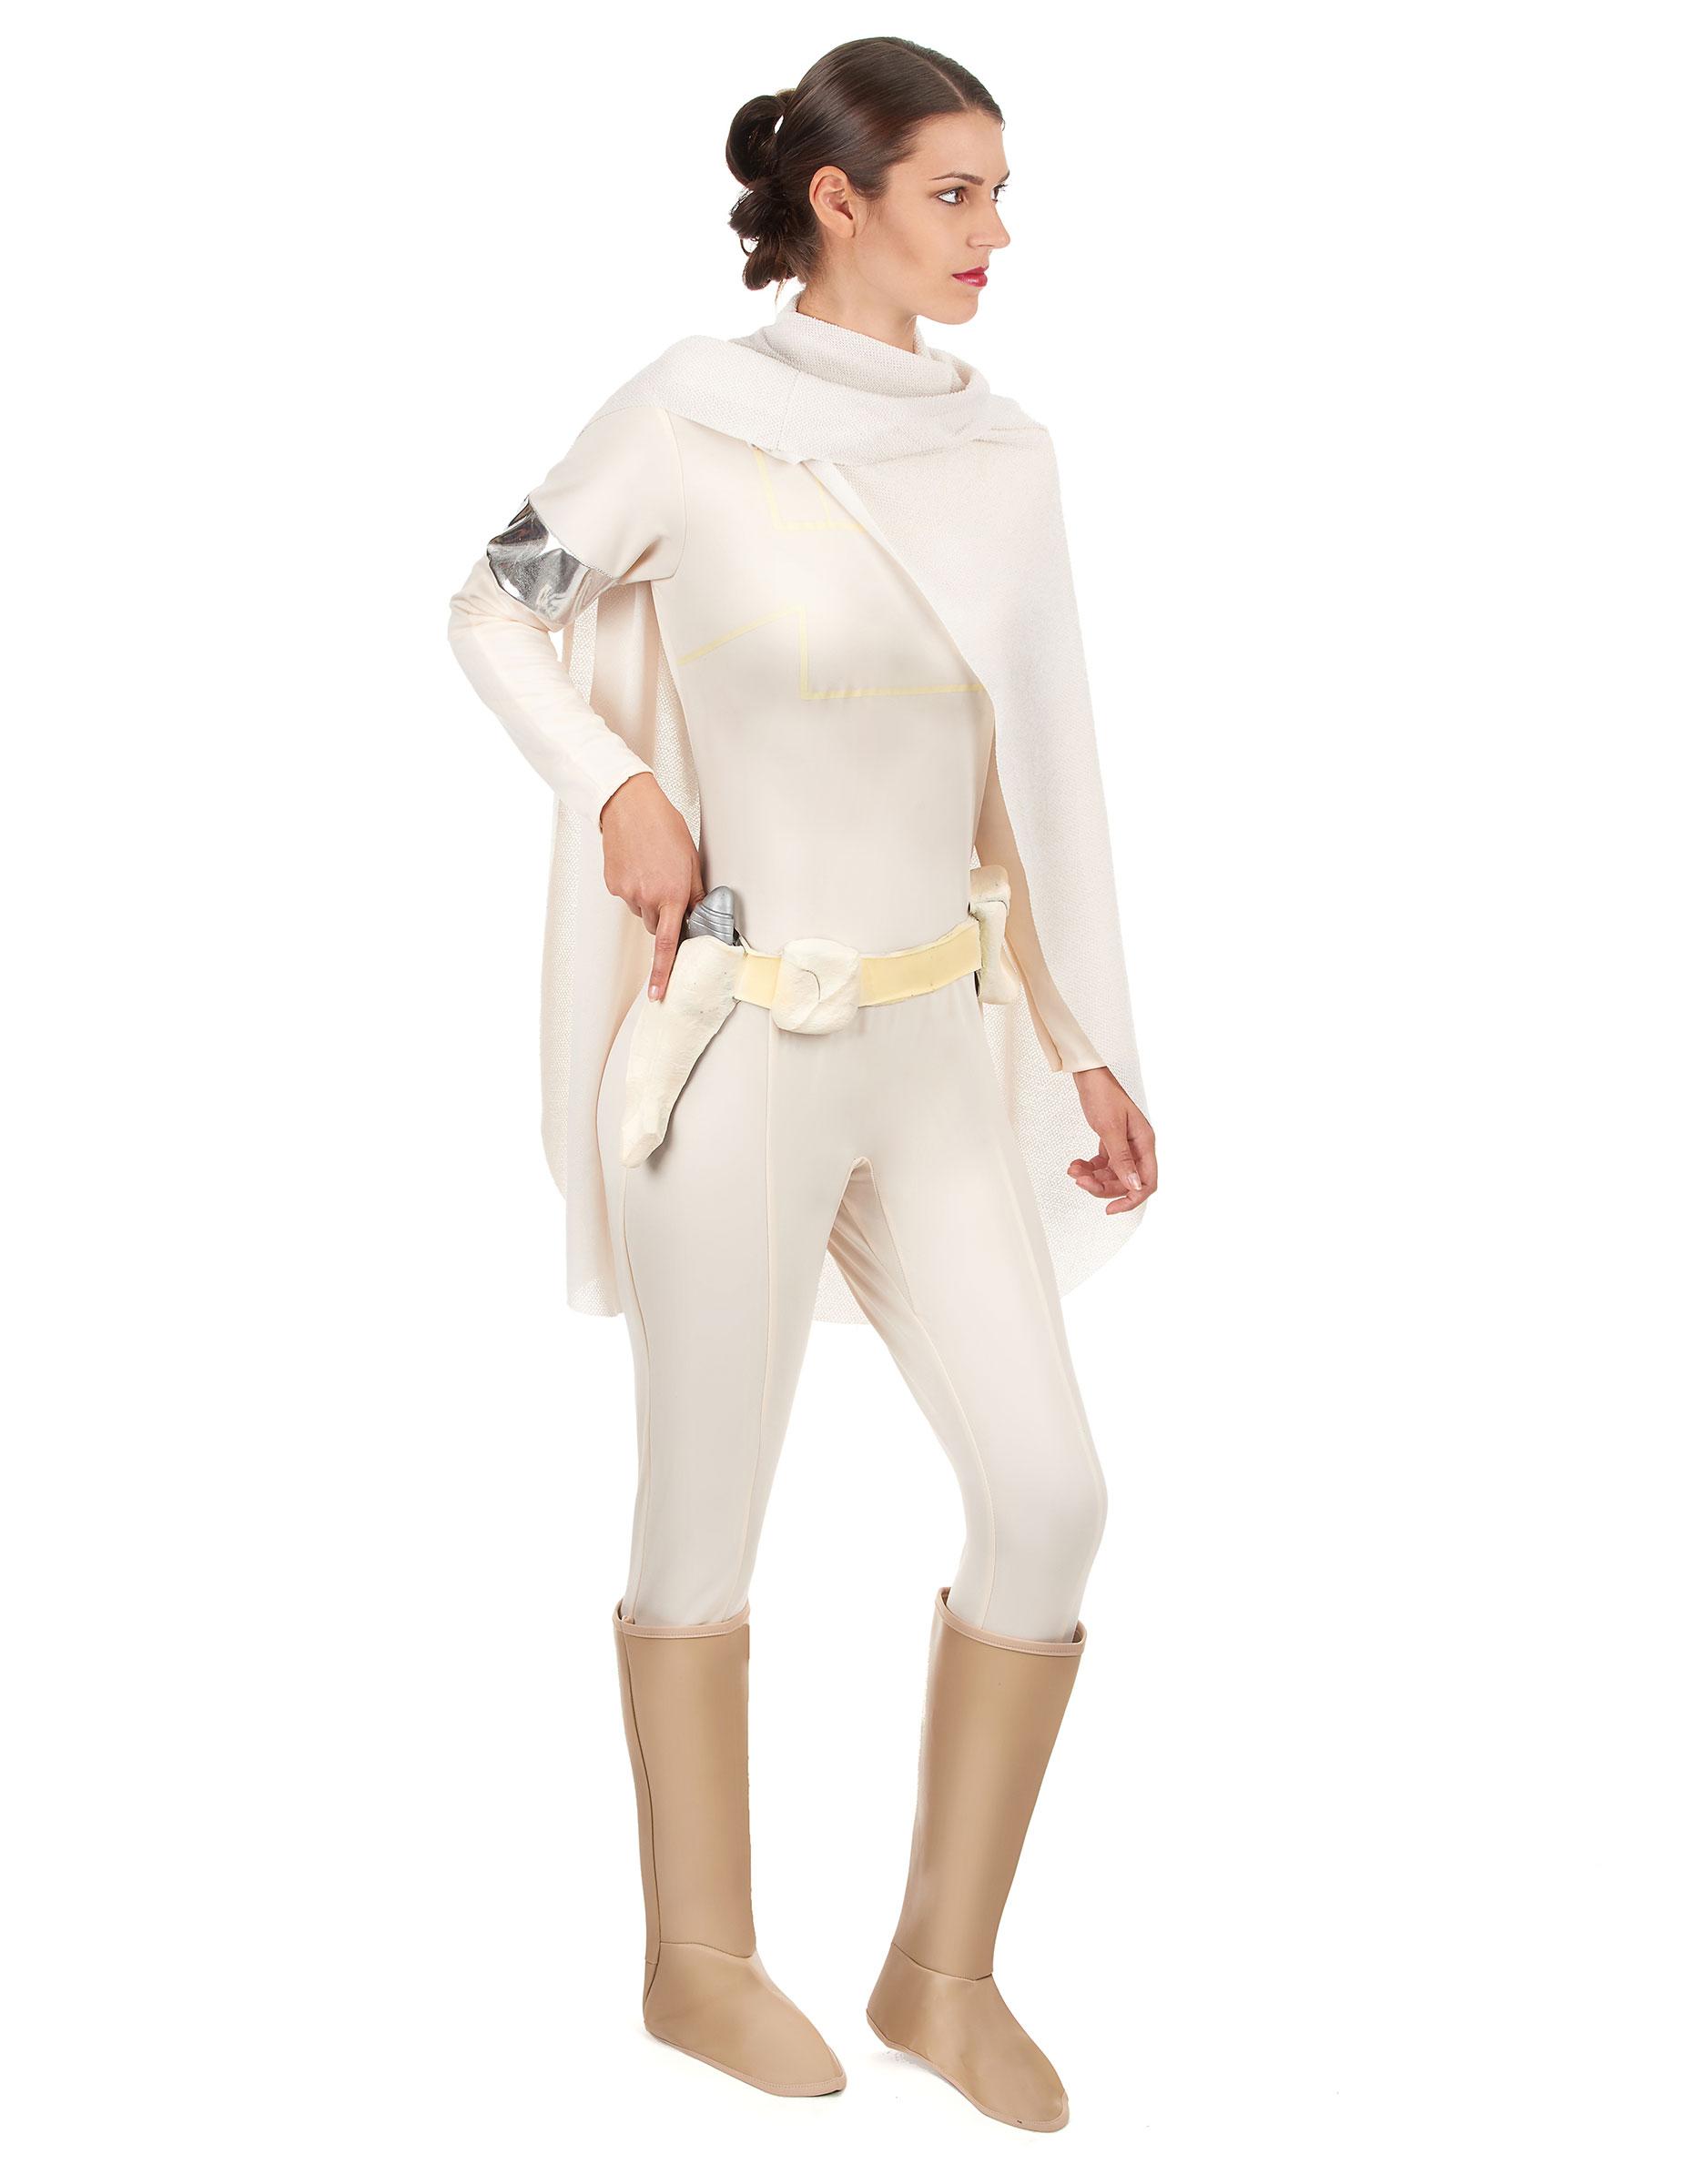 Adult amidala costume — 4